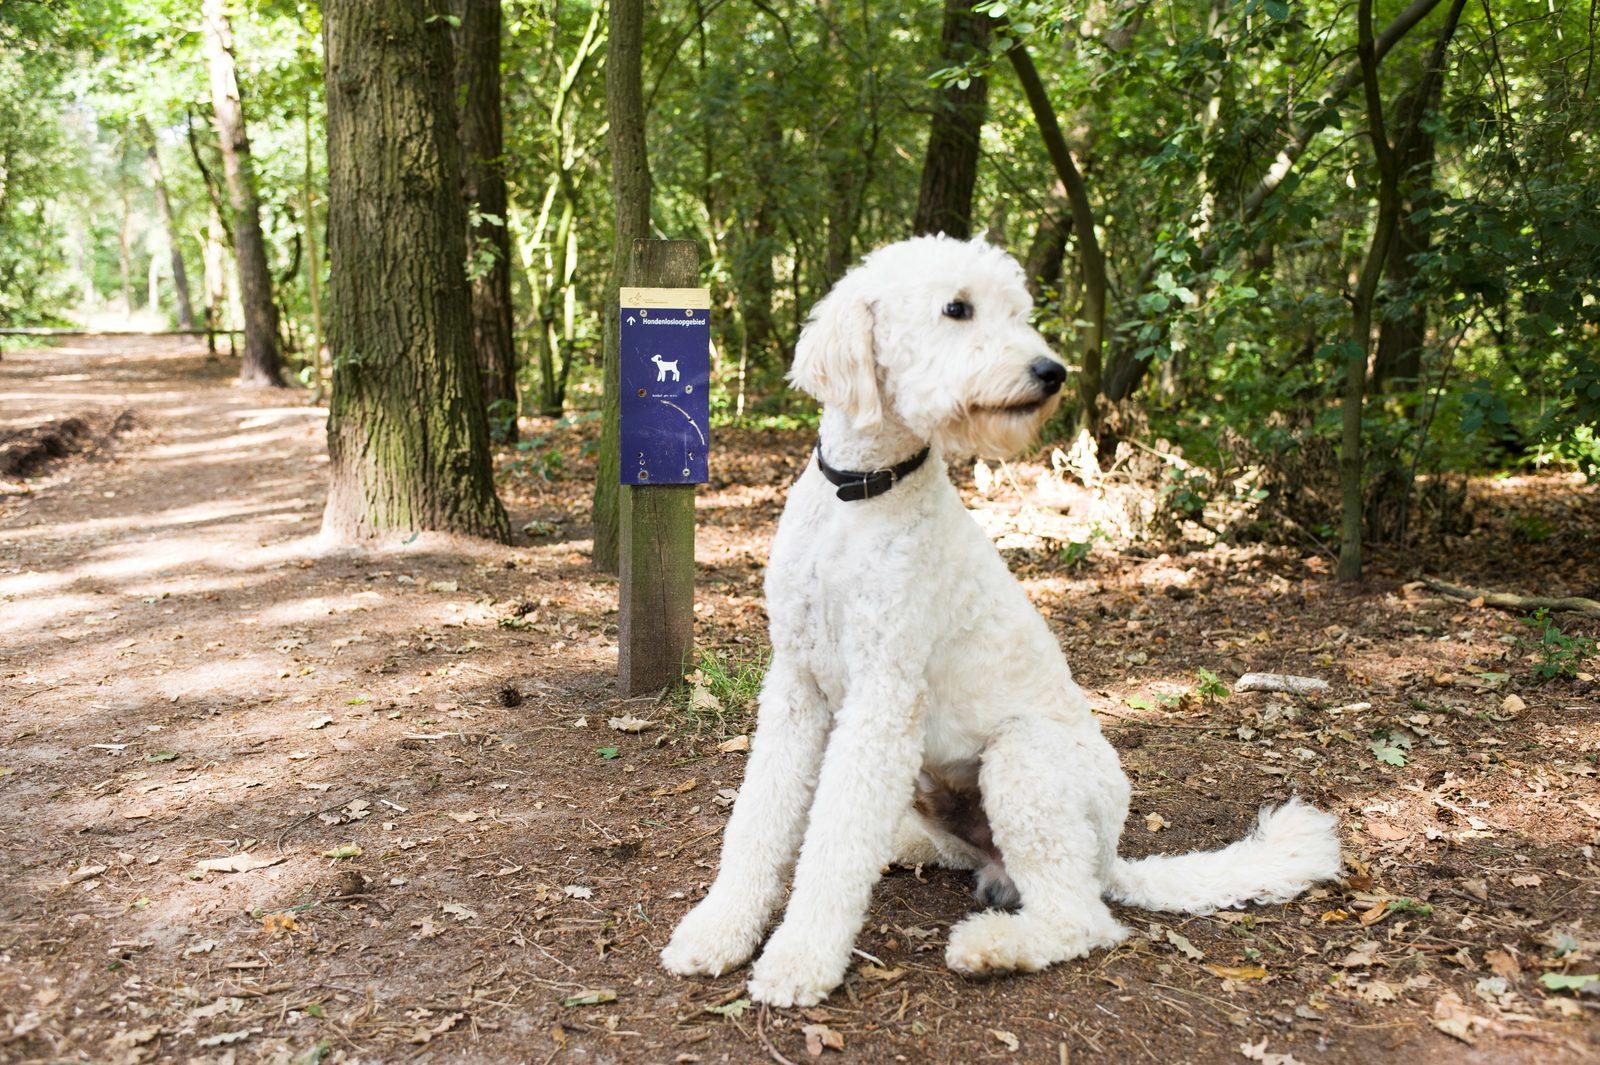 Haustiere auf den Stellplätzen erlaubt